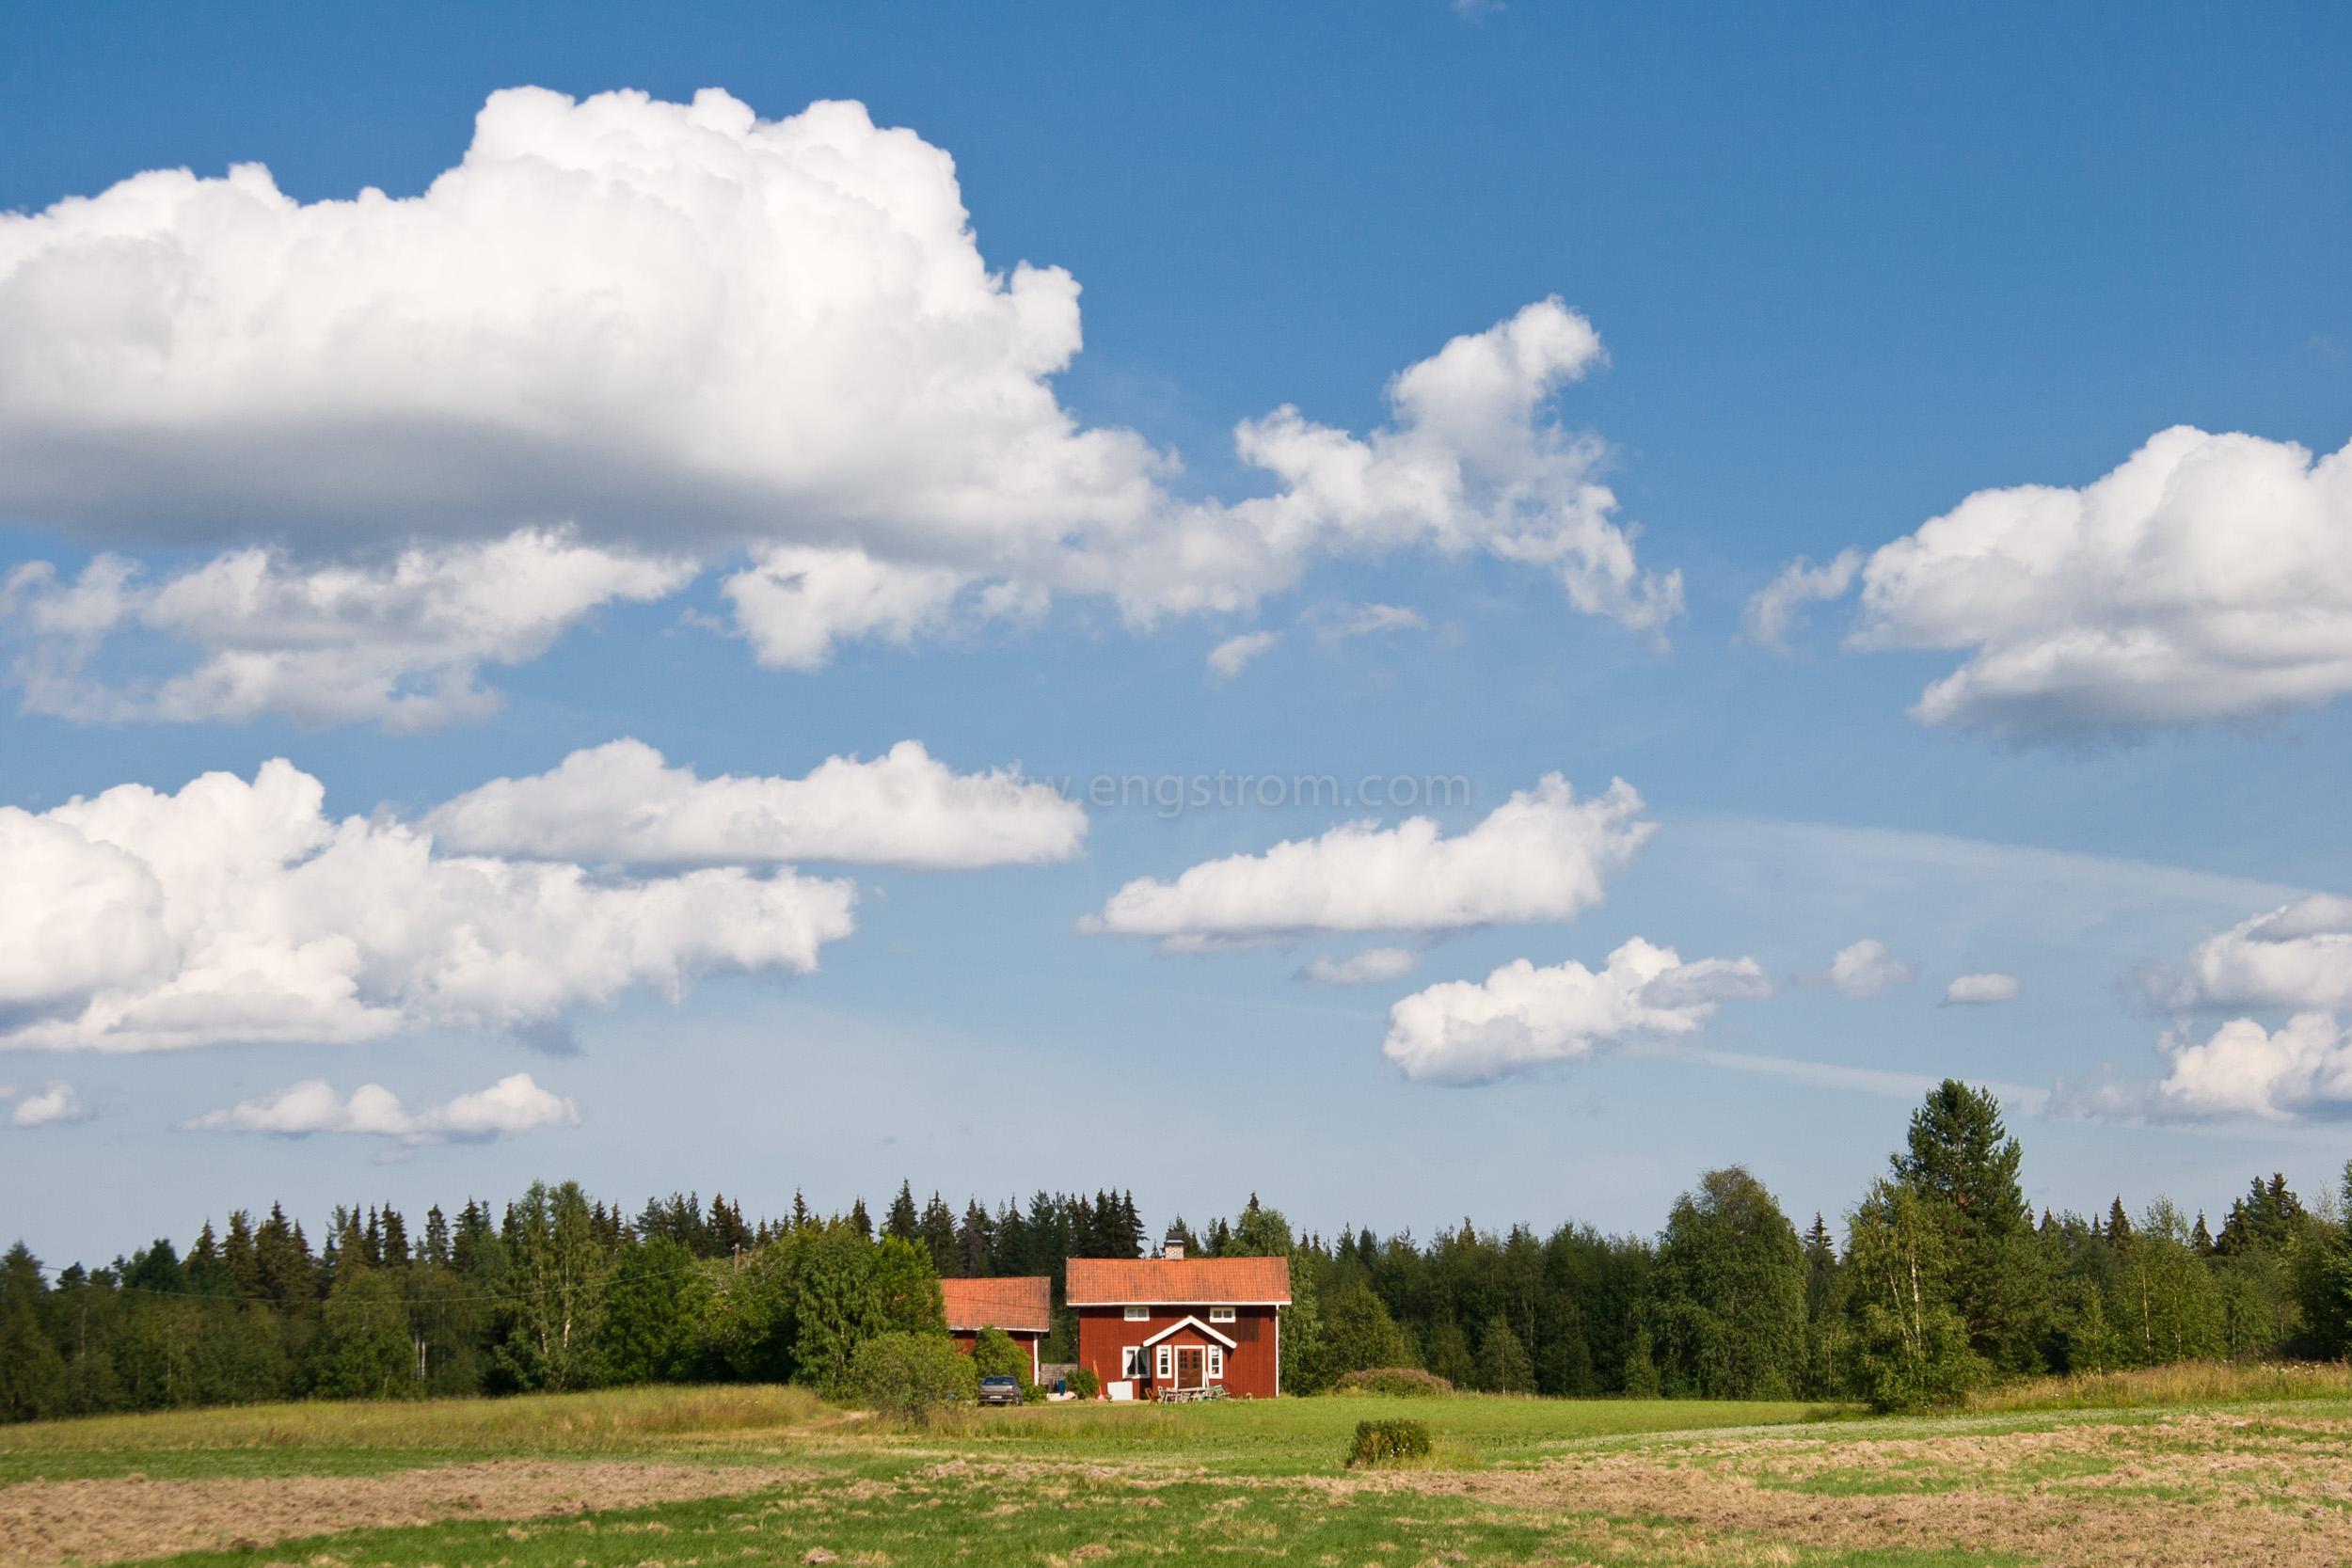 JE_11742, En liten stuga i skogskanten med åkerlappar framför, Jonas Engström